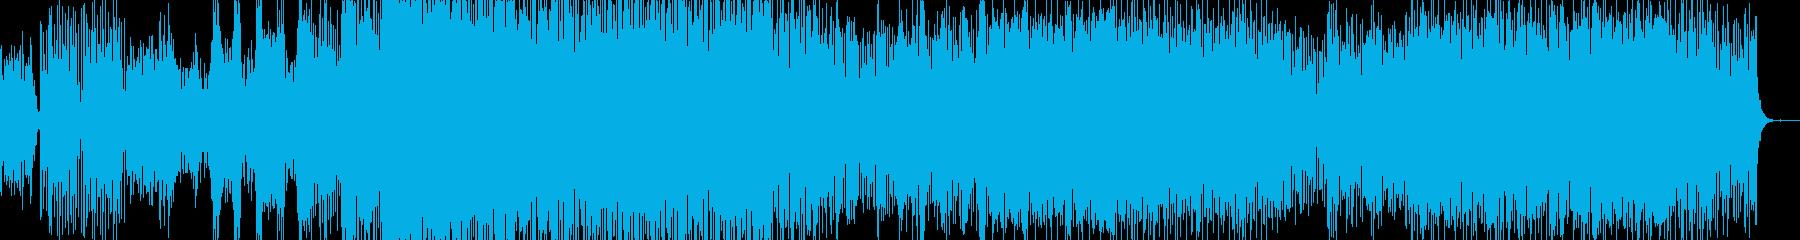 エネルギッシュなポップスの再生済みの波形